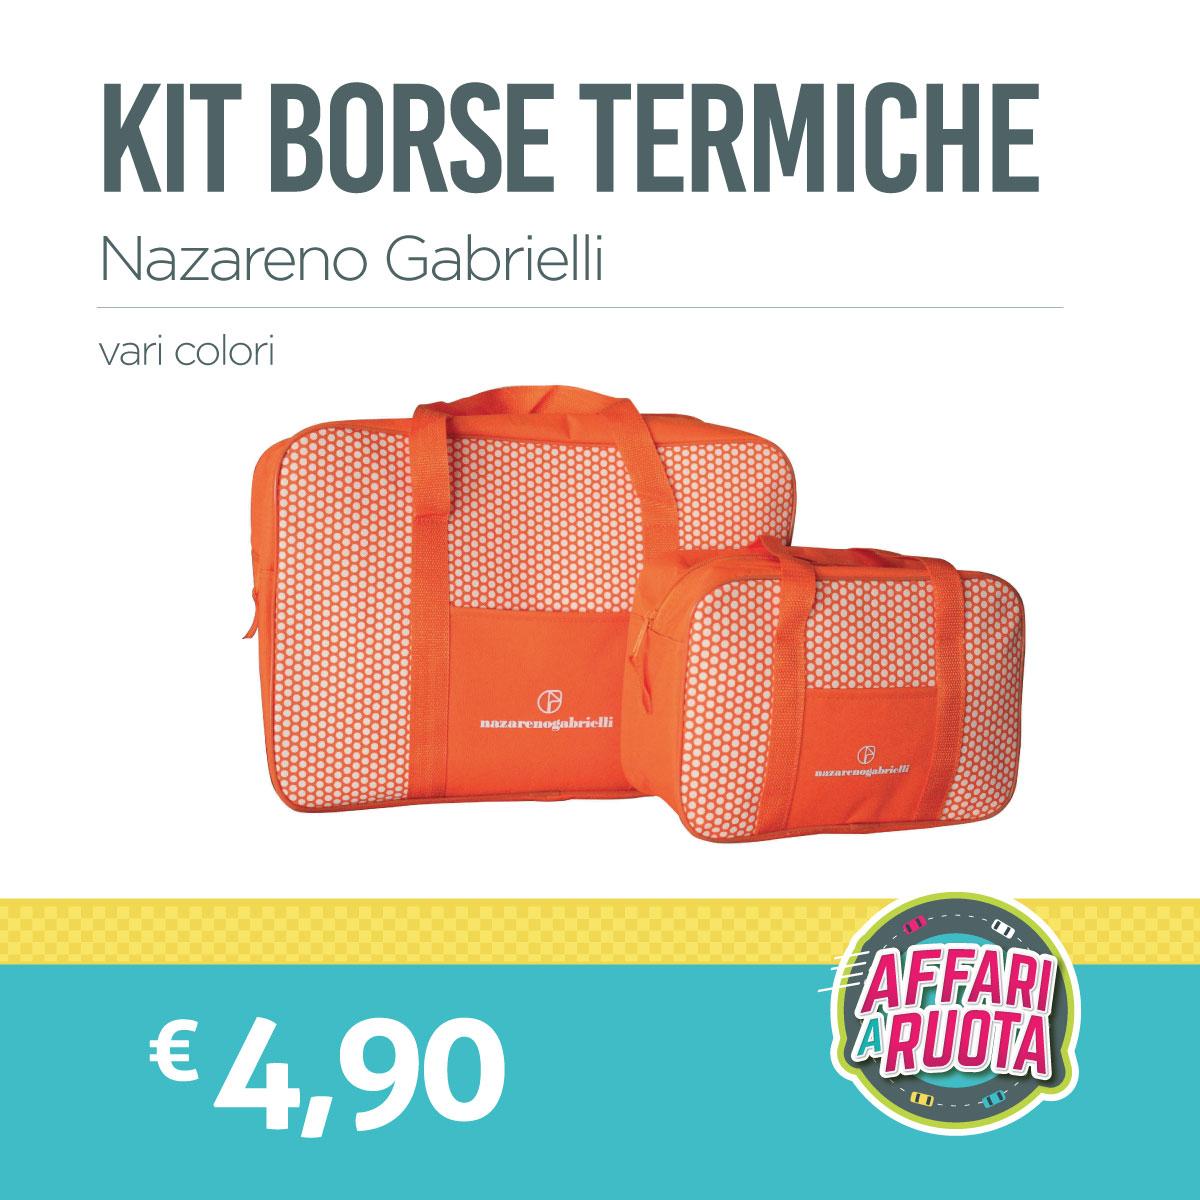 Kit borse termiche Nazareno Gabrielli